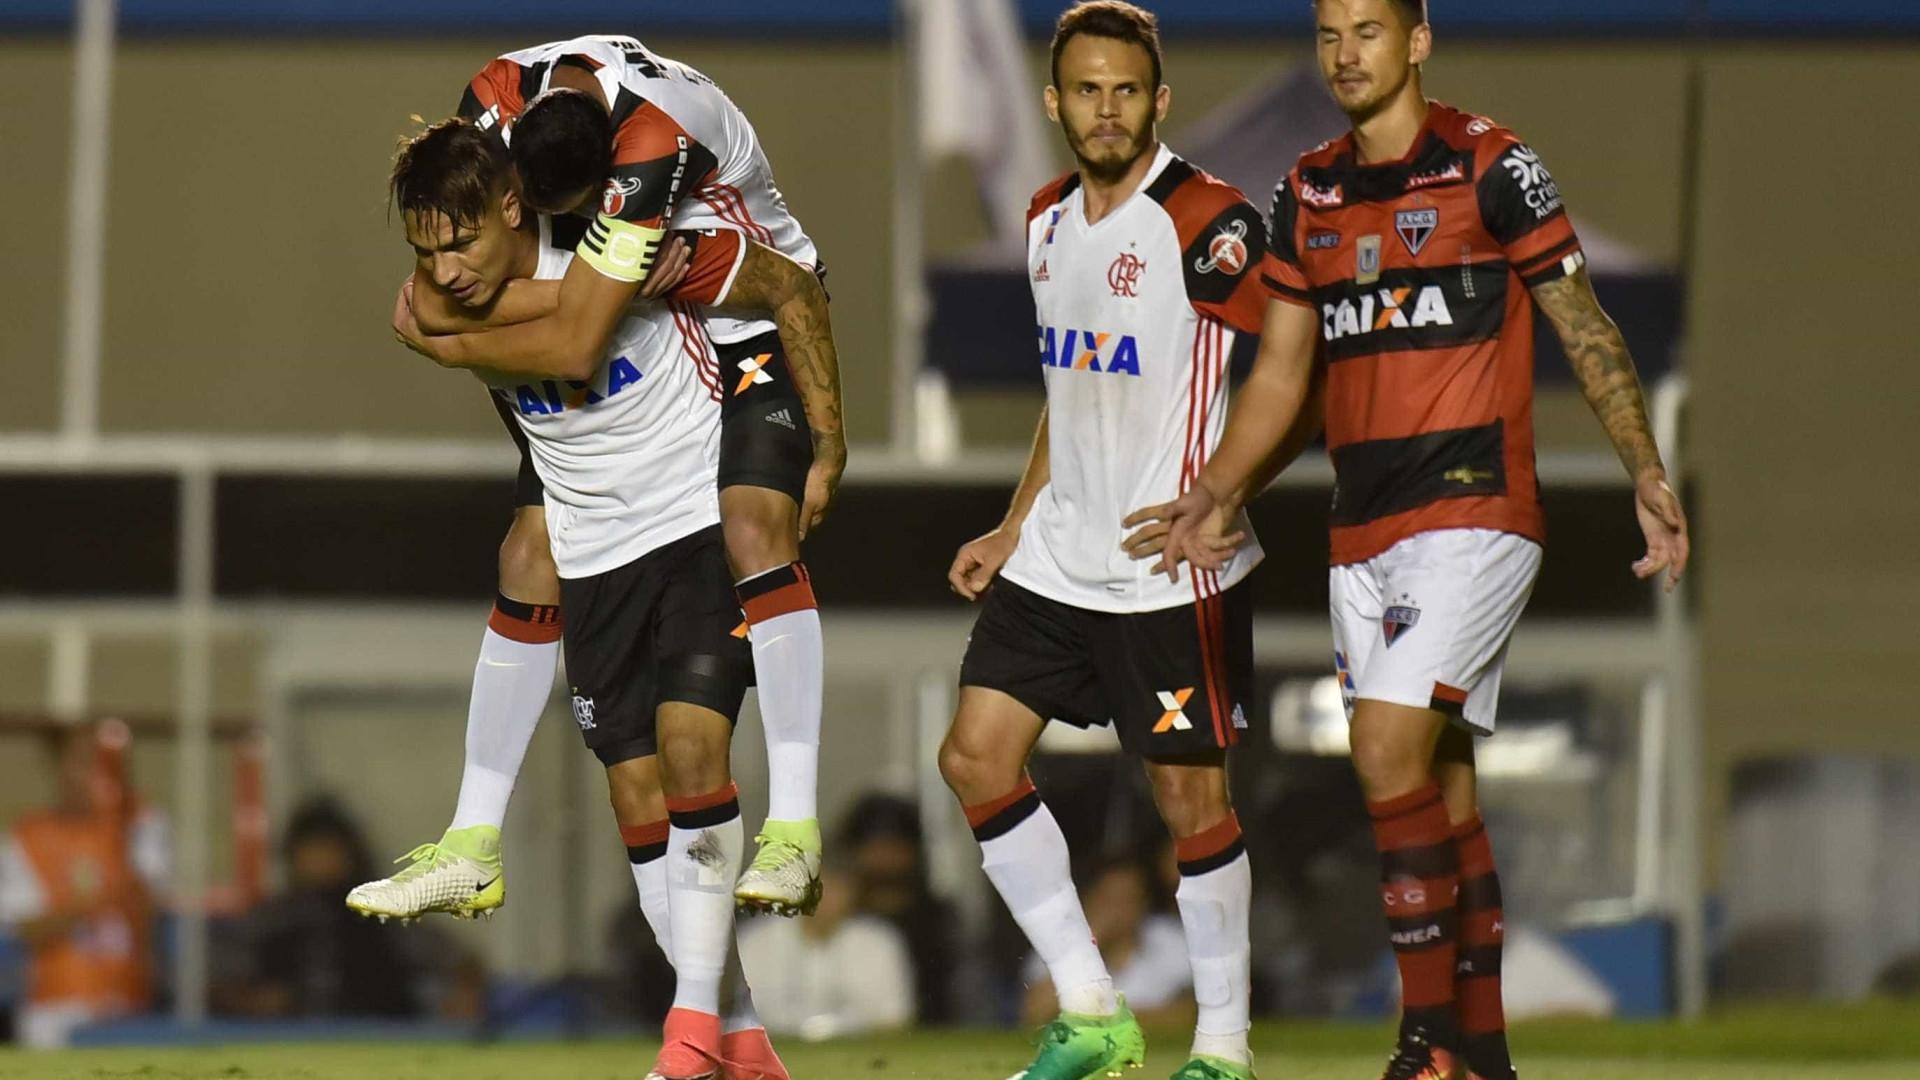 Resumão da rodada: Fla e Palmeiras vencem, Bahia é campeão e mais